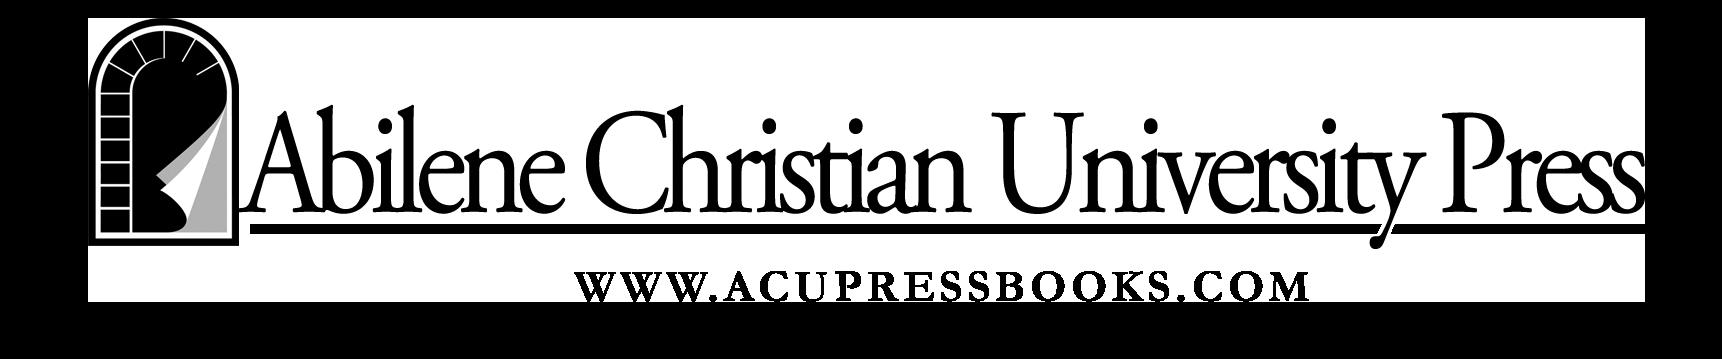 Abilene Christian University Press